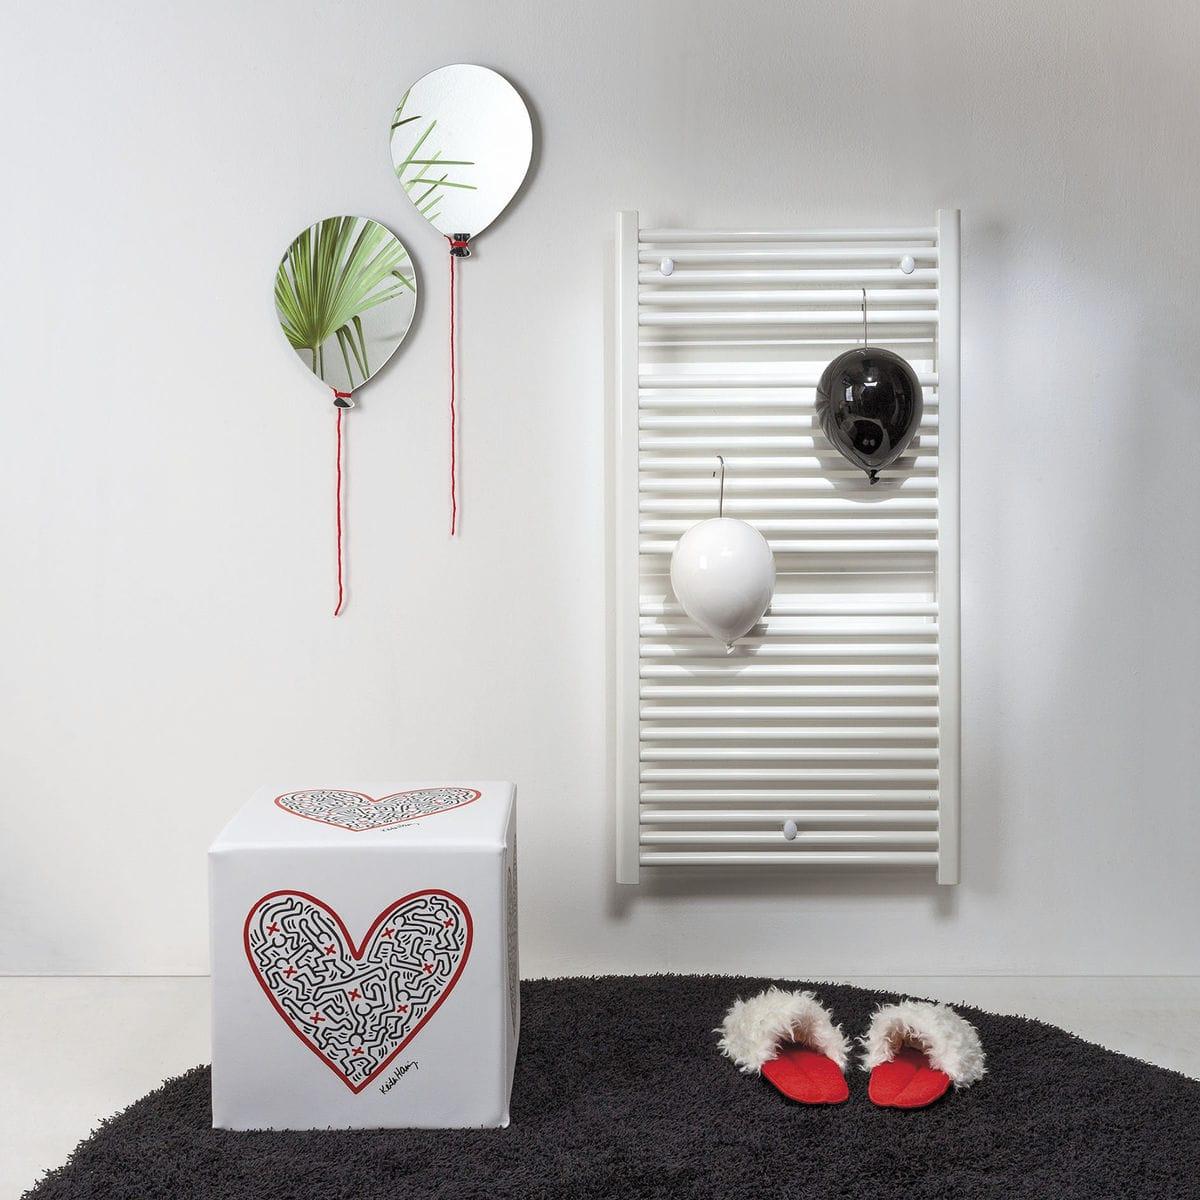 Umidificatori per radiatore in ceramica a forma di palloncino, collezione Balloon, colore bianco e nero